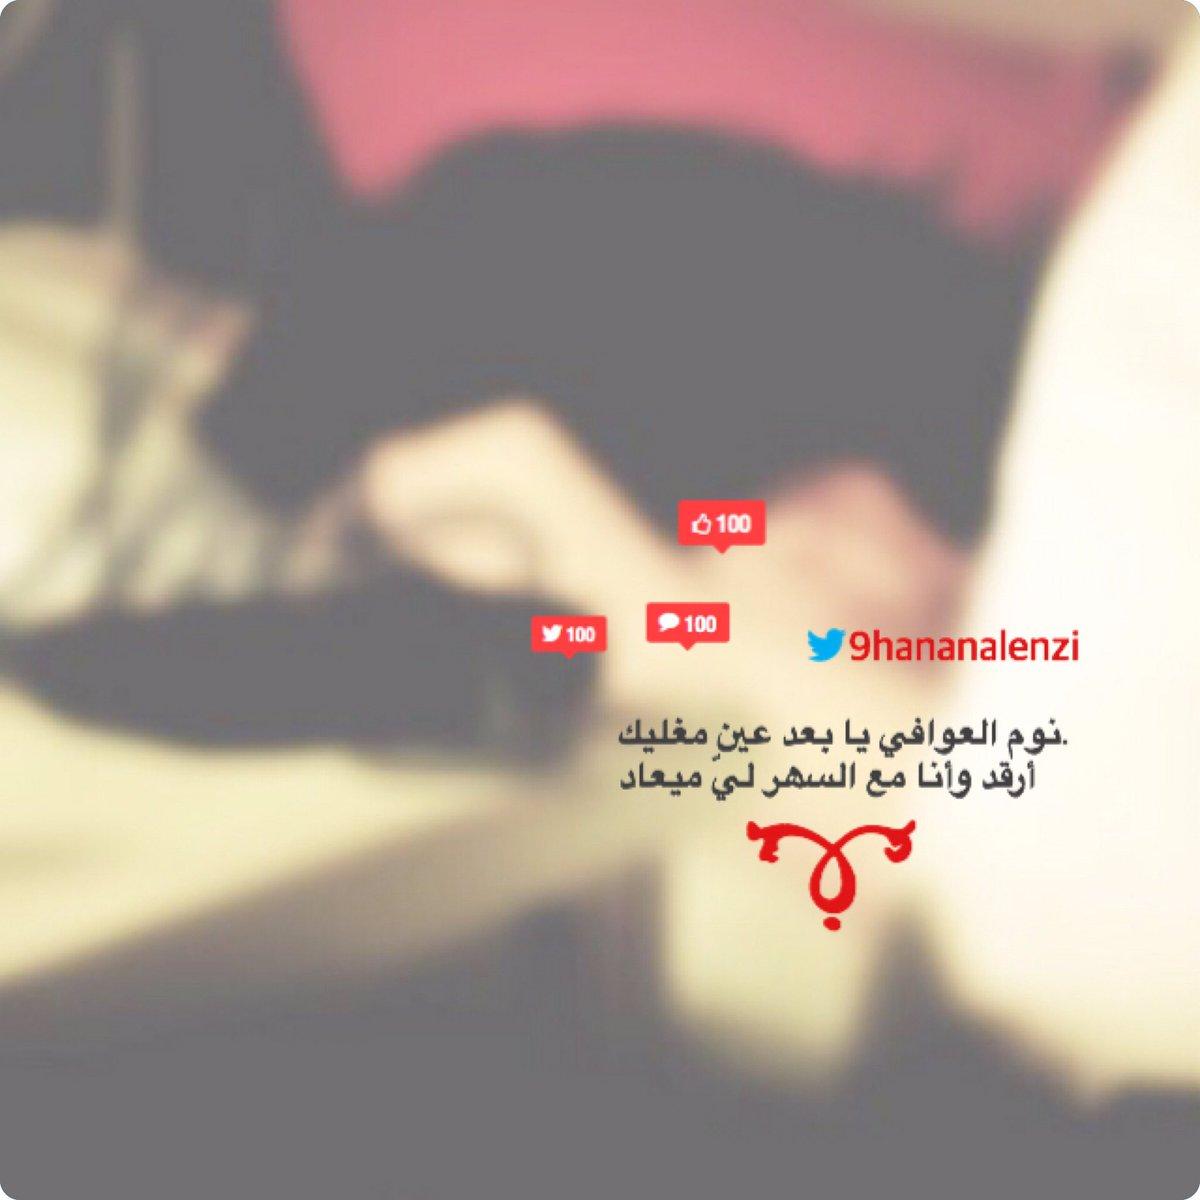 حنان العنزي בטוויטר نوم العوافي يا بعد عين مغليك أرقد وأنا مع السھر لي ميعاد شعر تصميم خواطر